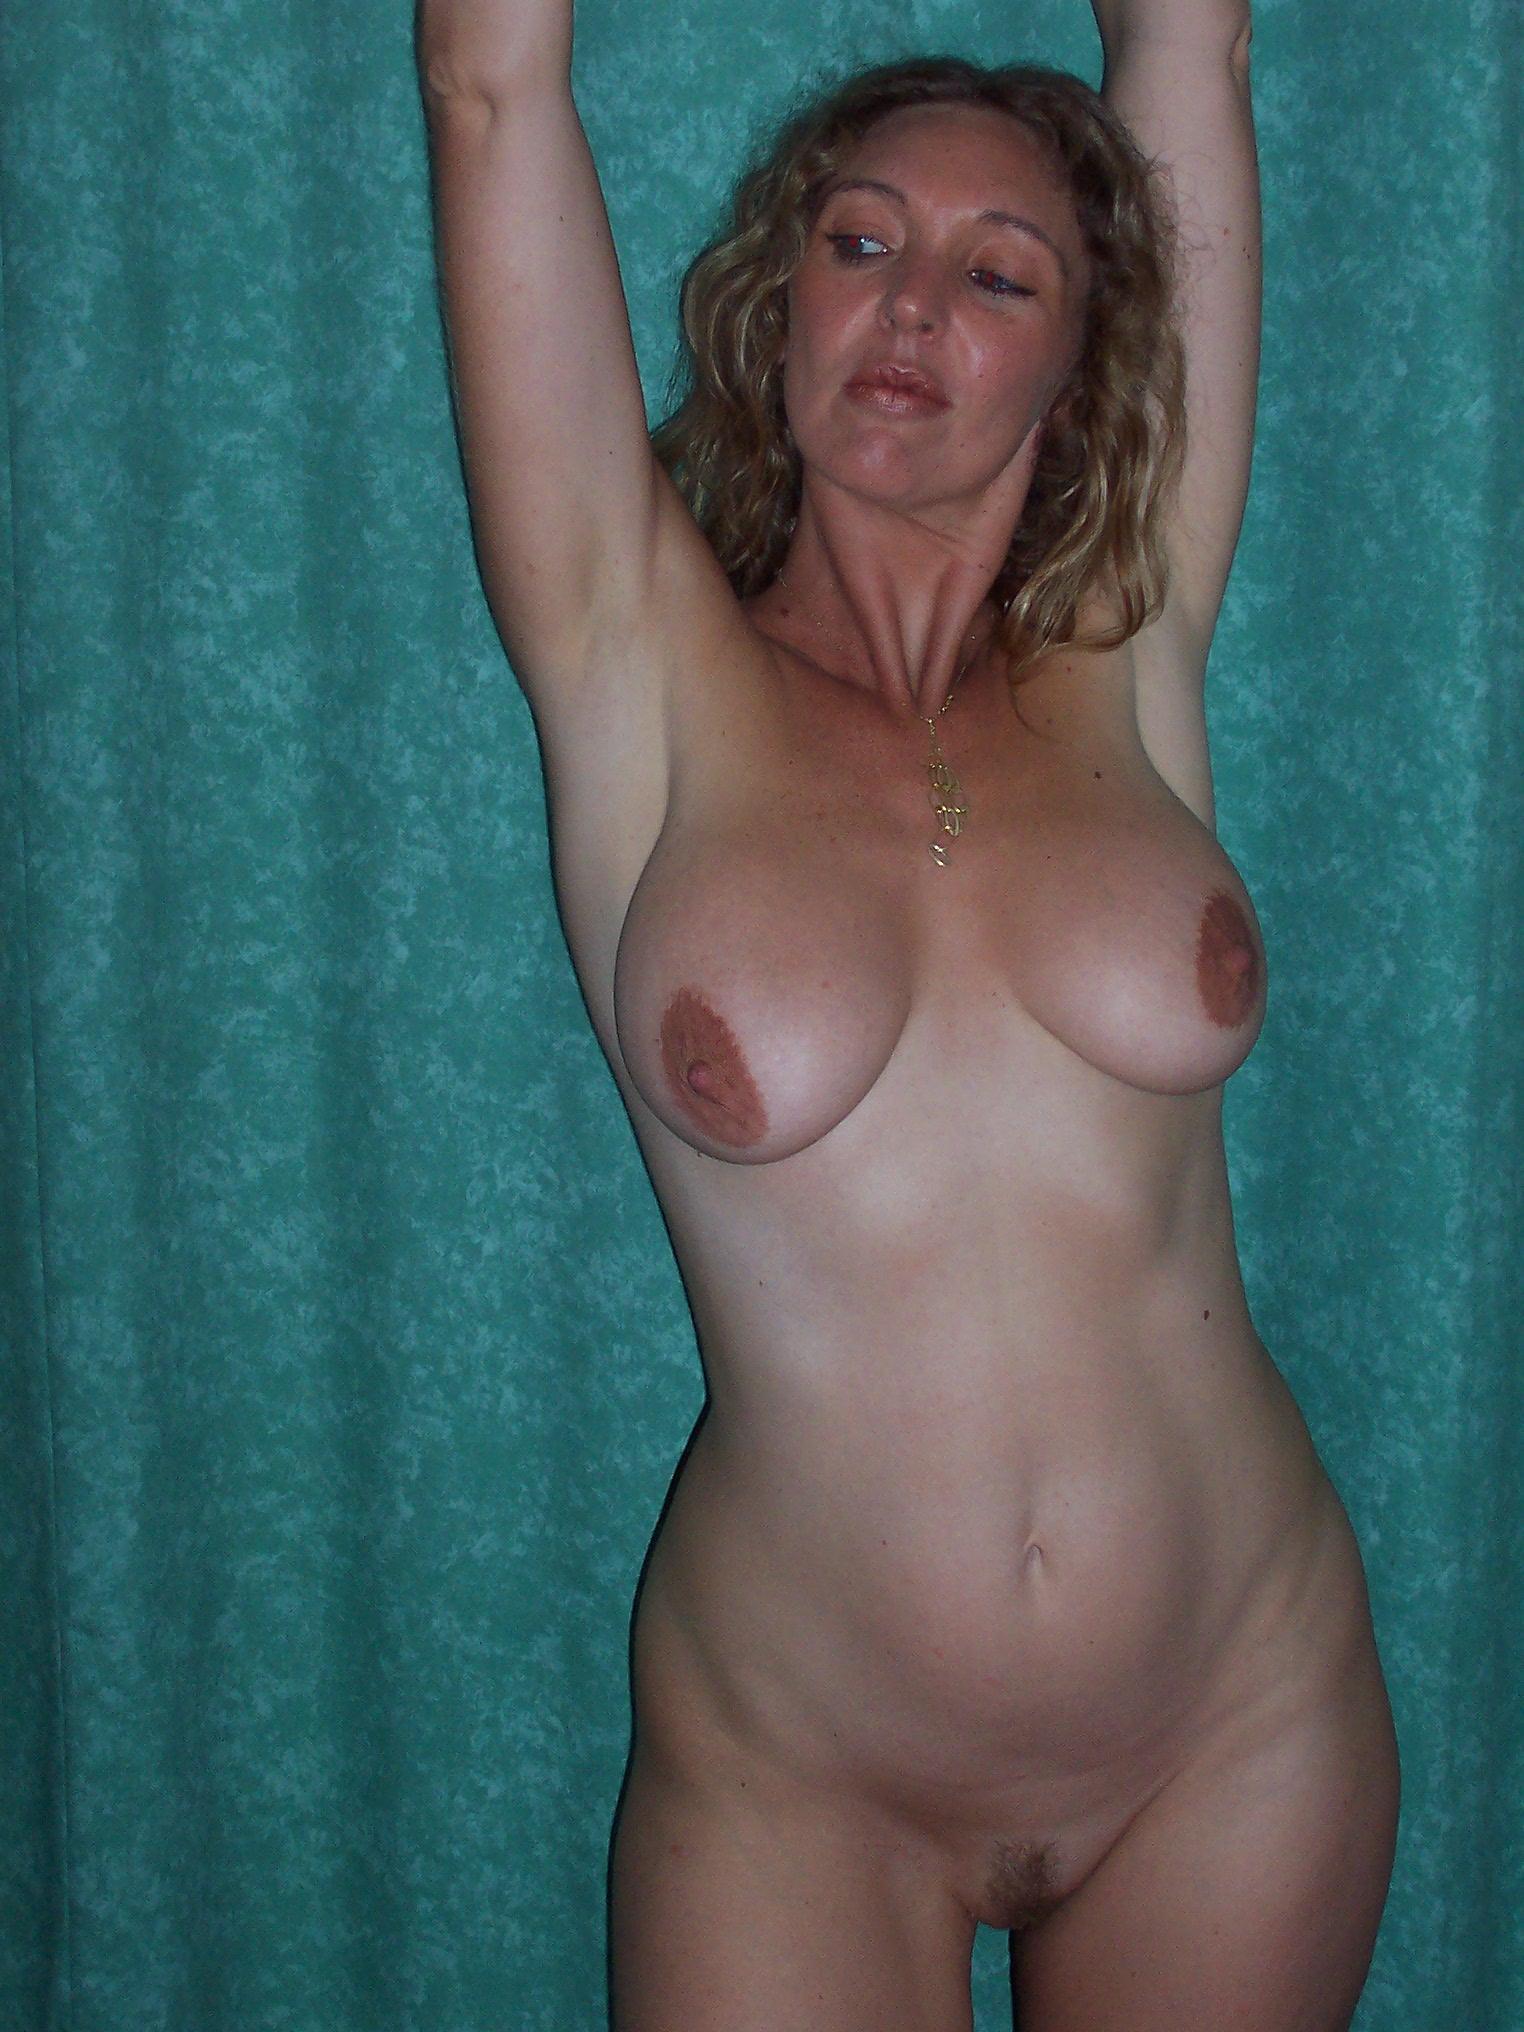 Фото женщин пазируещих часное зрелых сматреть голых